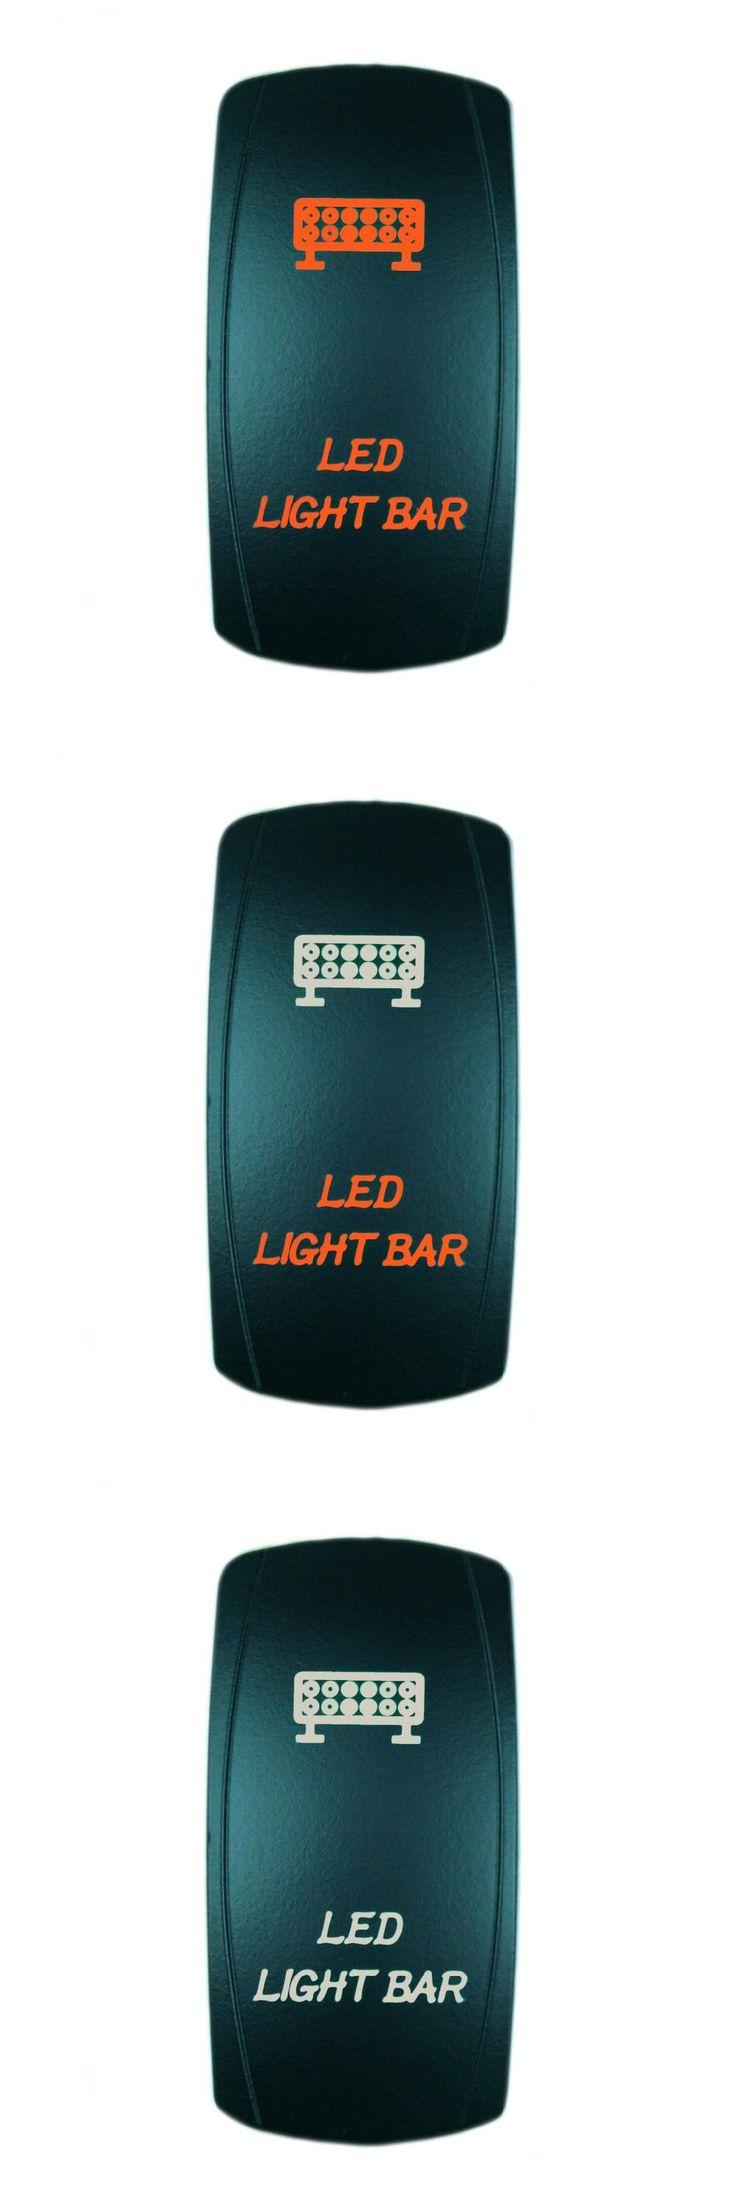 [Visit to Buy] High Quality 5 Pin Laser Backlit Orange Rocker Toggle Switch LED LIGHT BAR 20A 12V On/off LED Light Wholesa [KG-001-4] #Advertisement